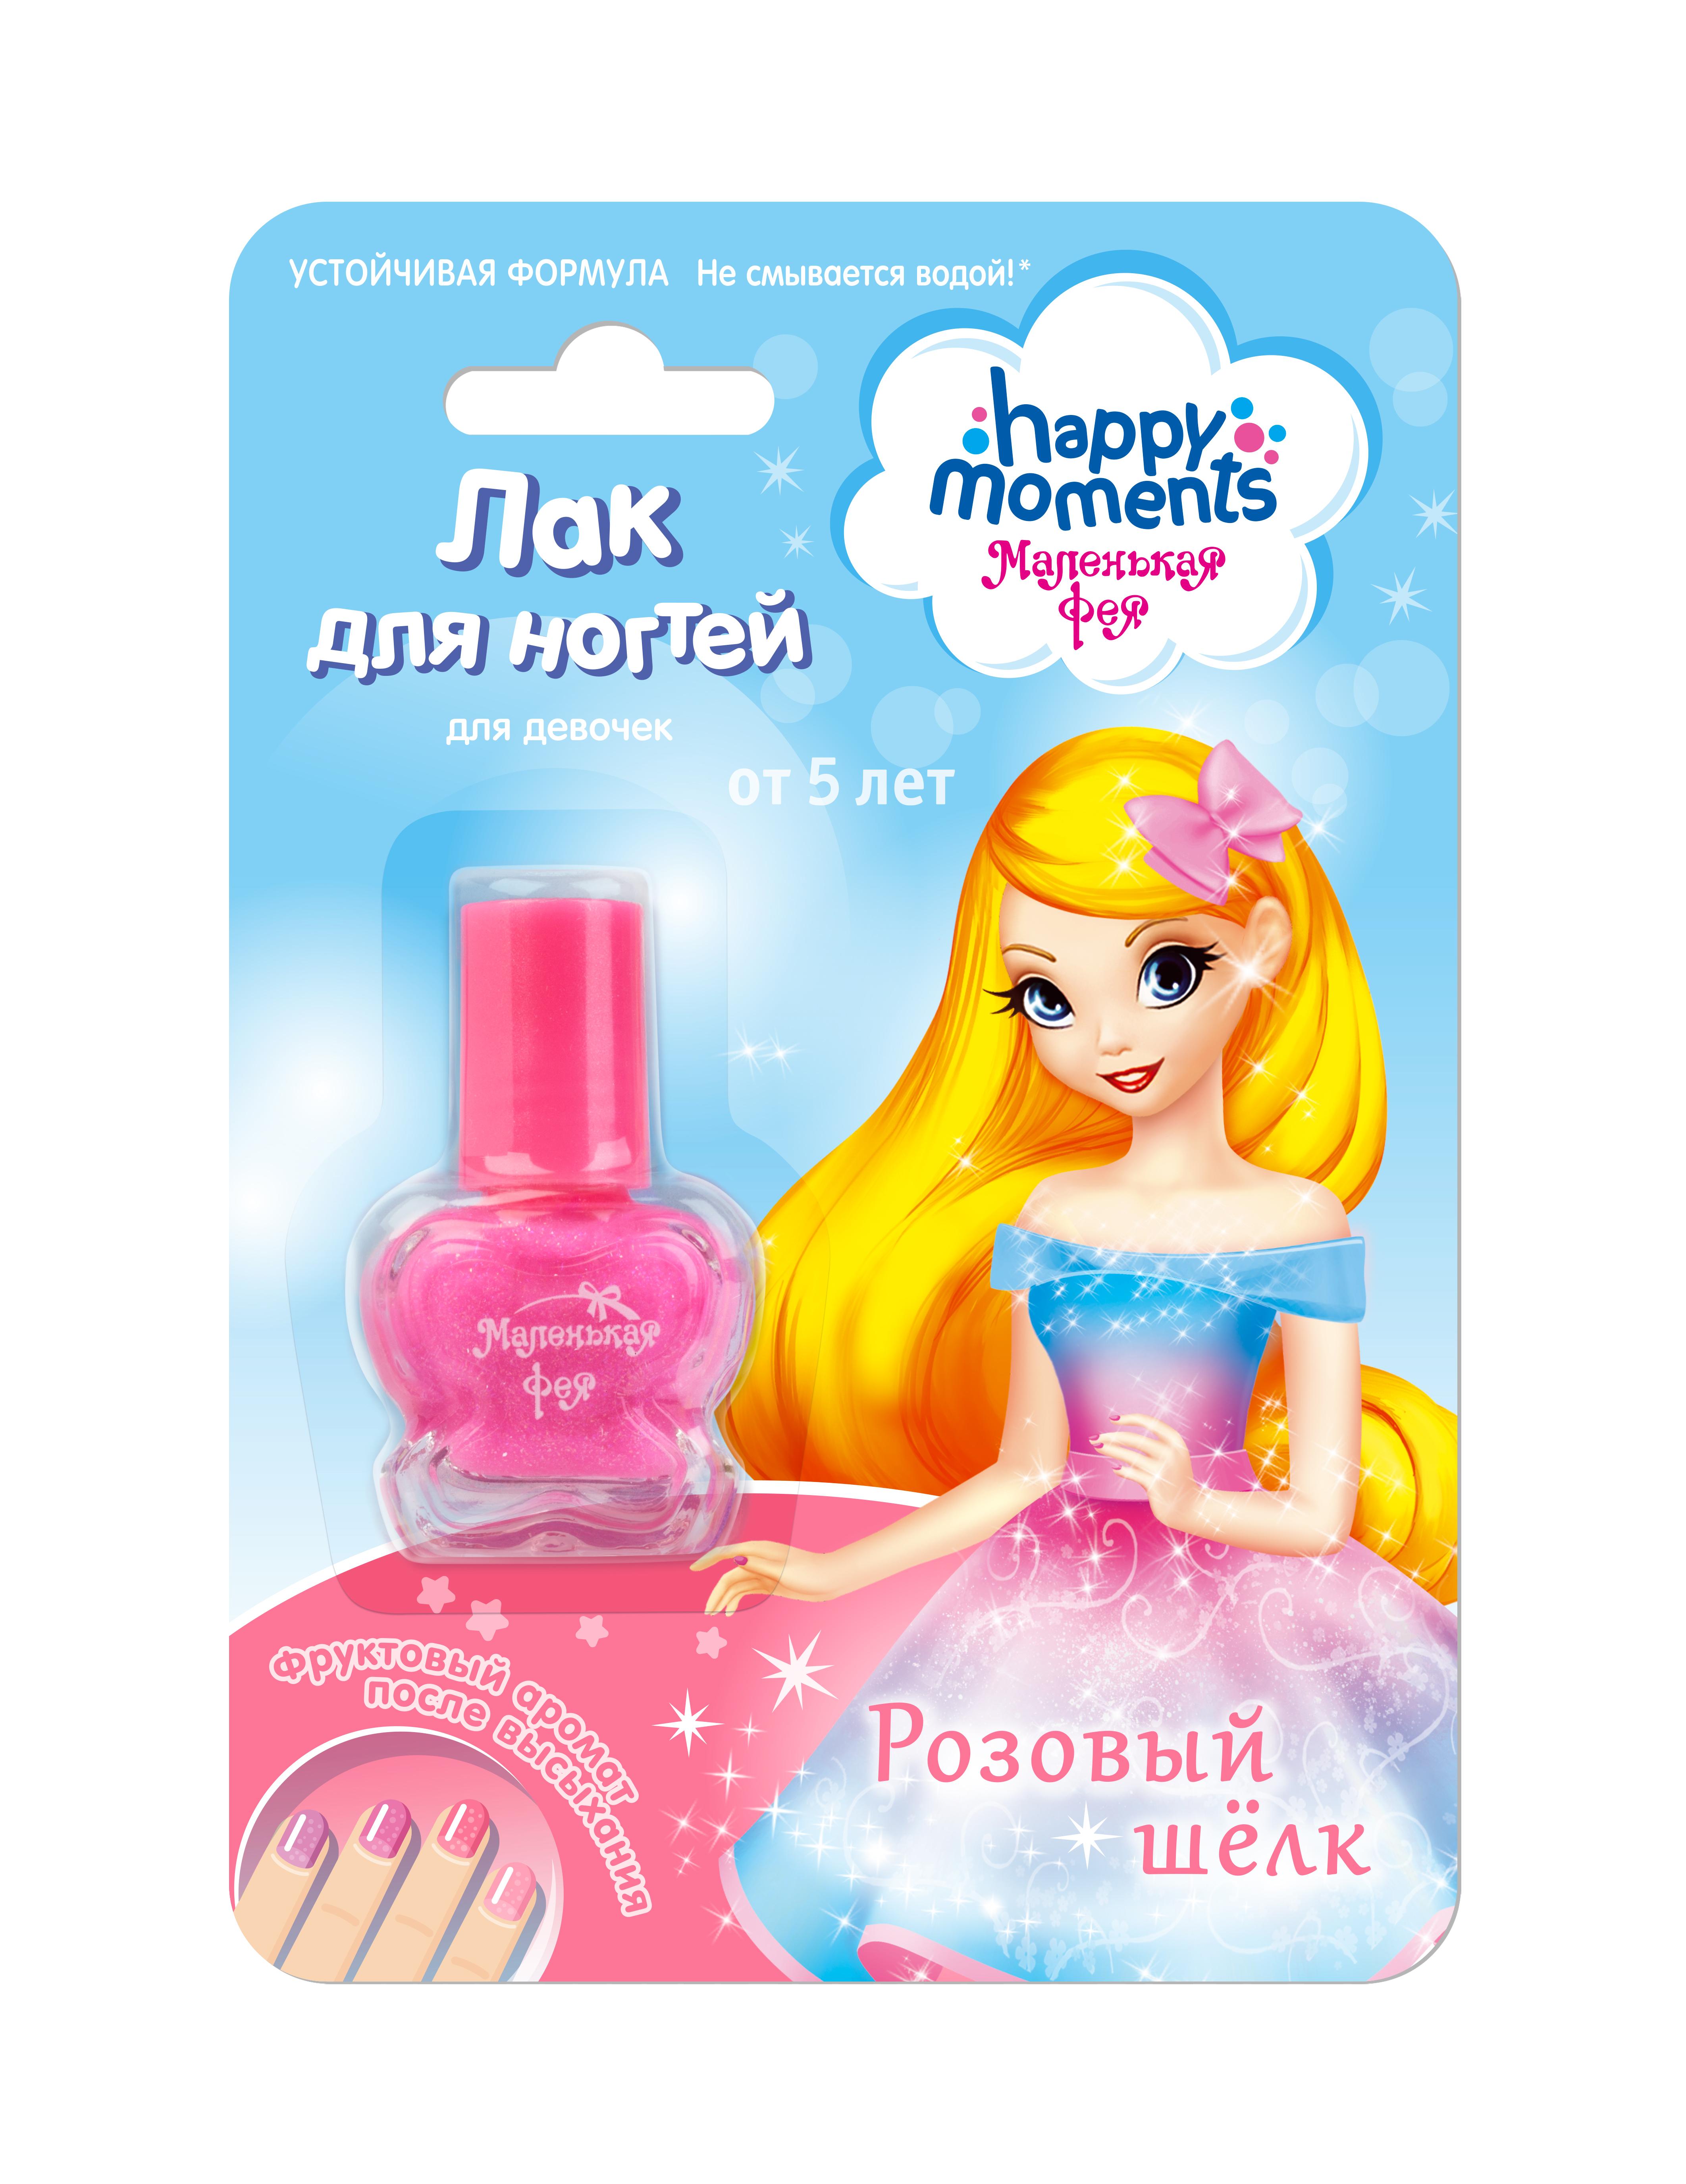 Маленькая фея косметика купить в украине где купить косметику declare